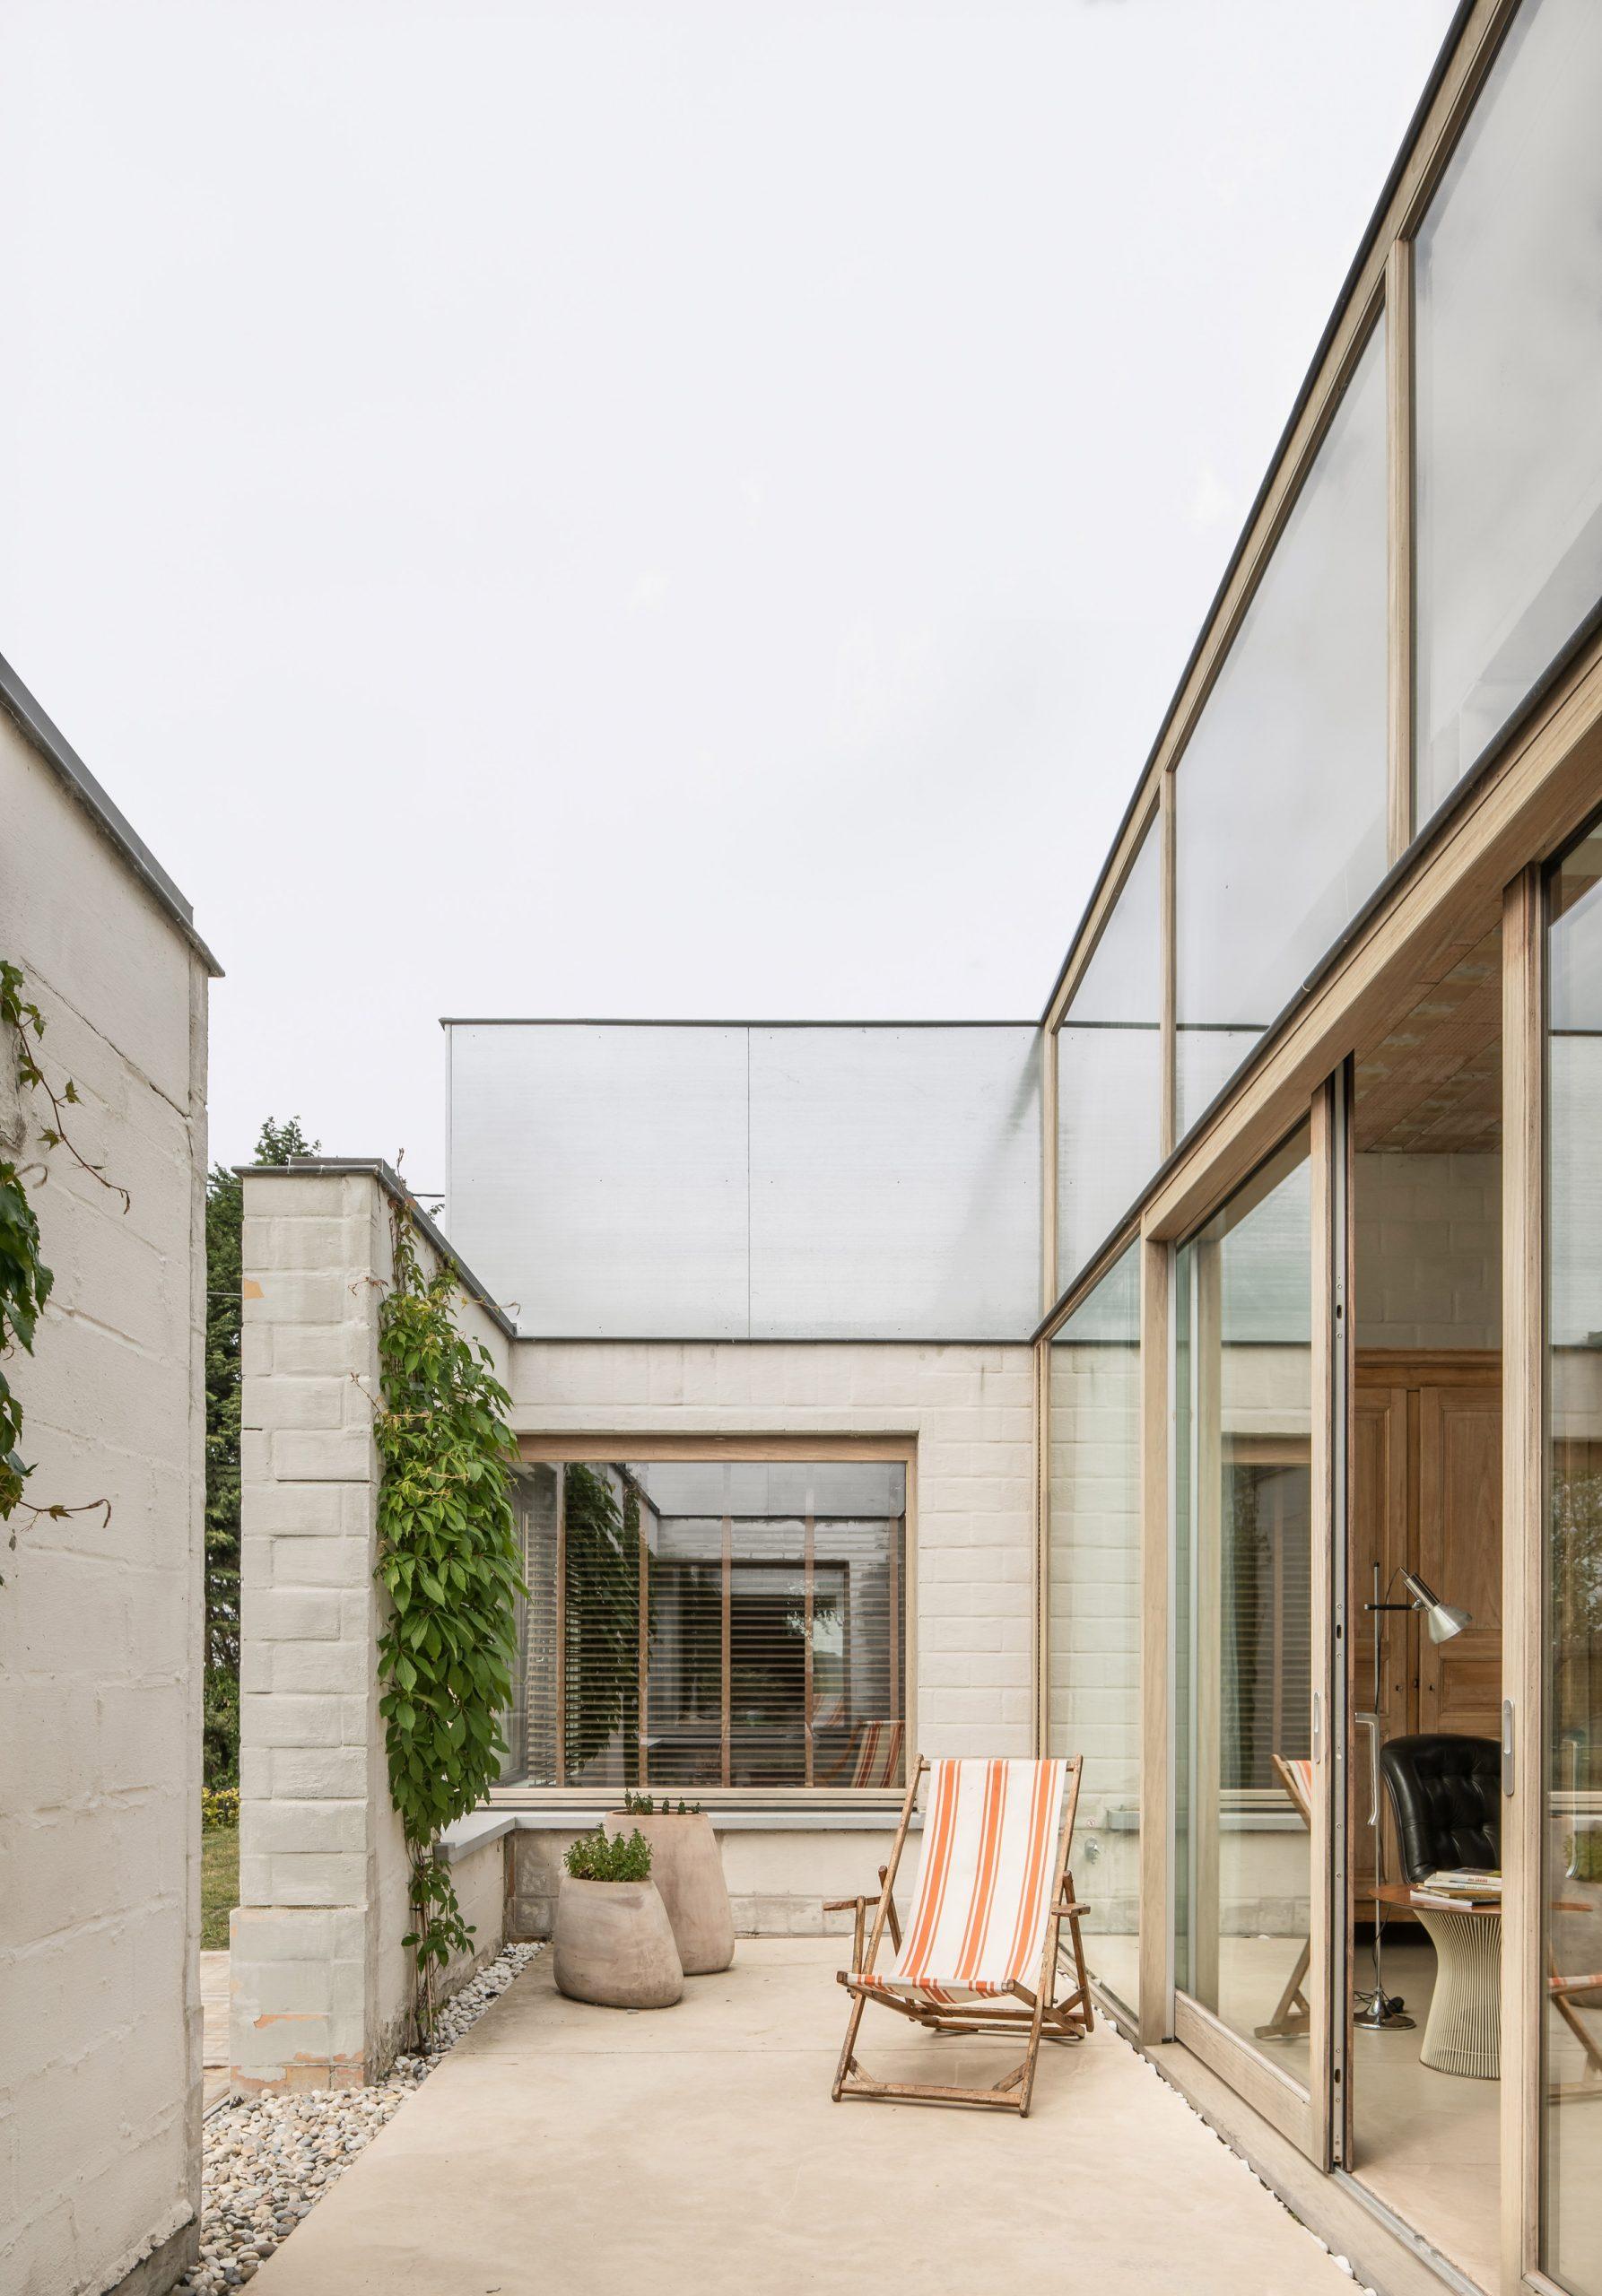 A partially-enclosed patio